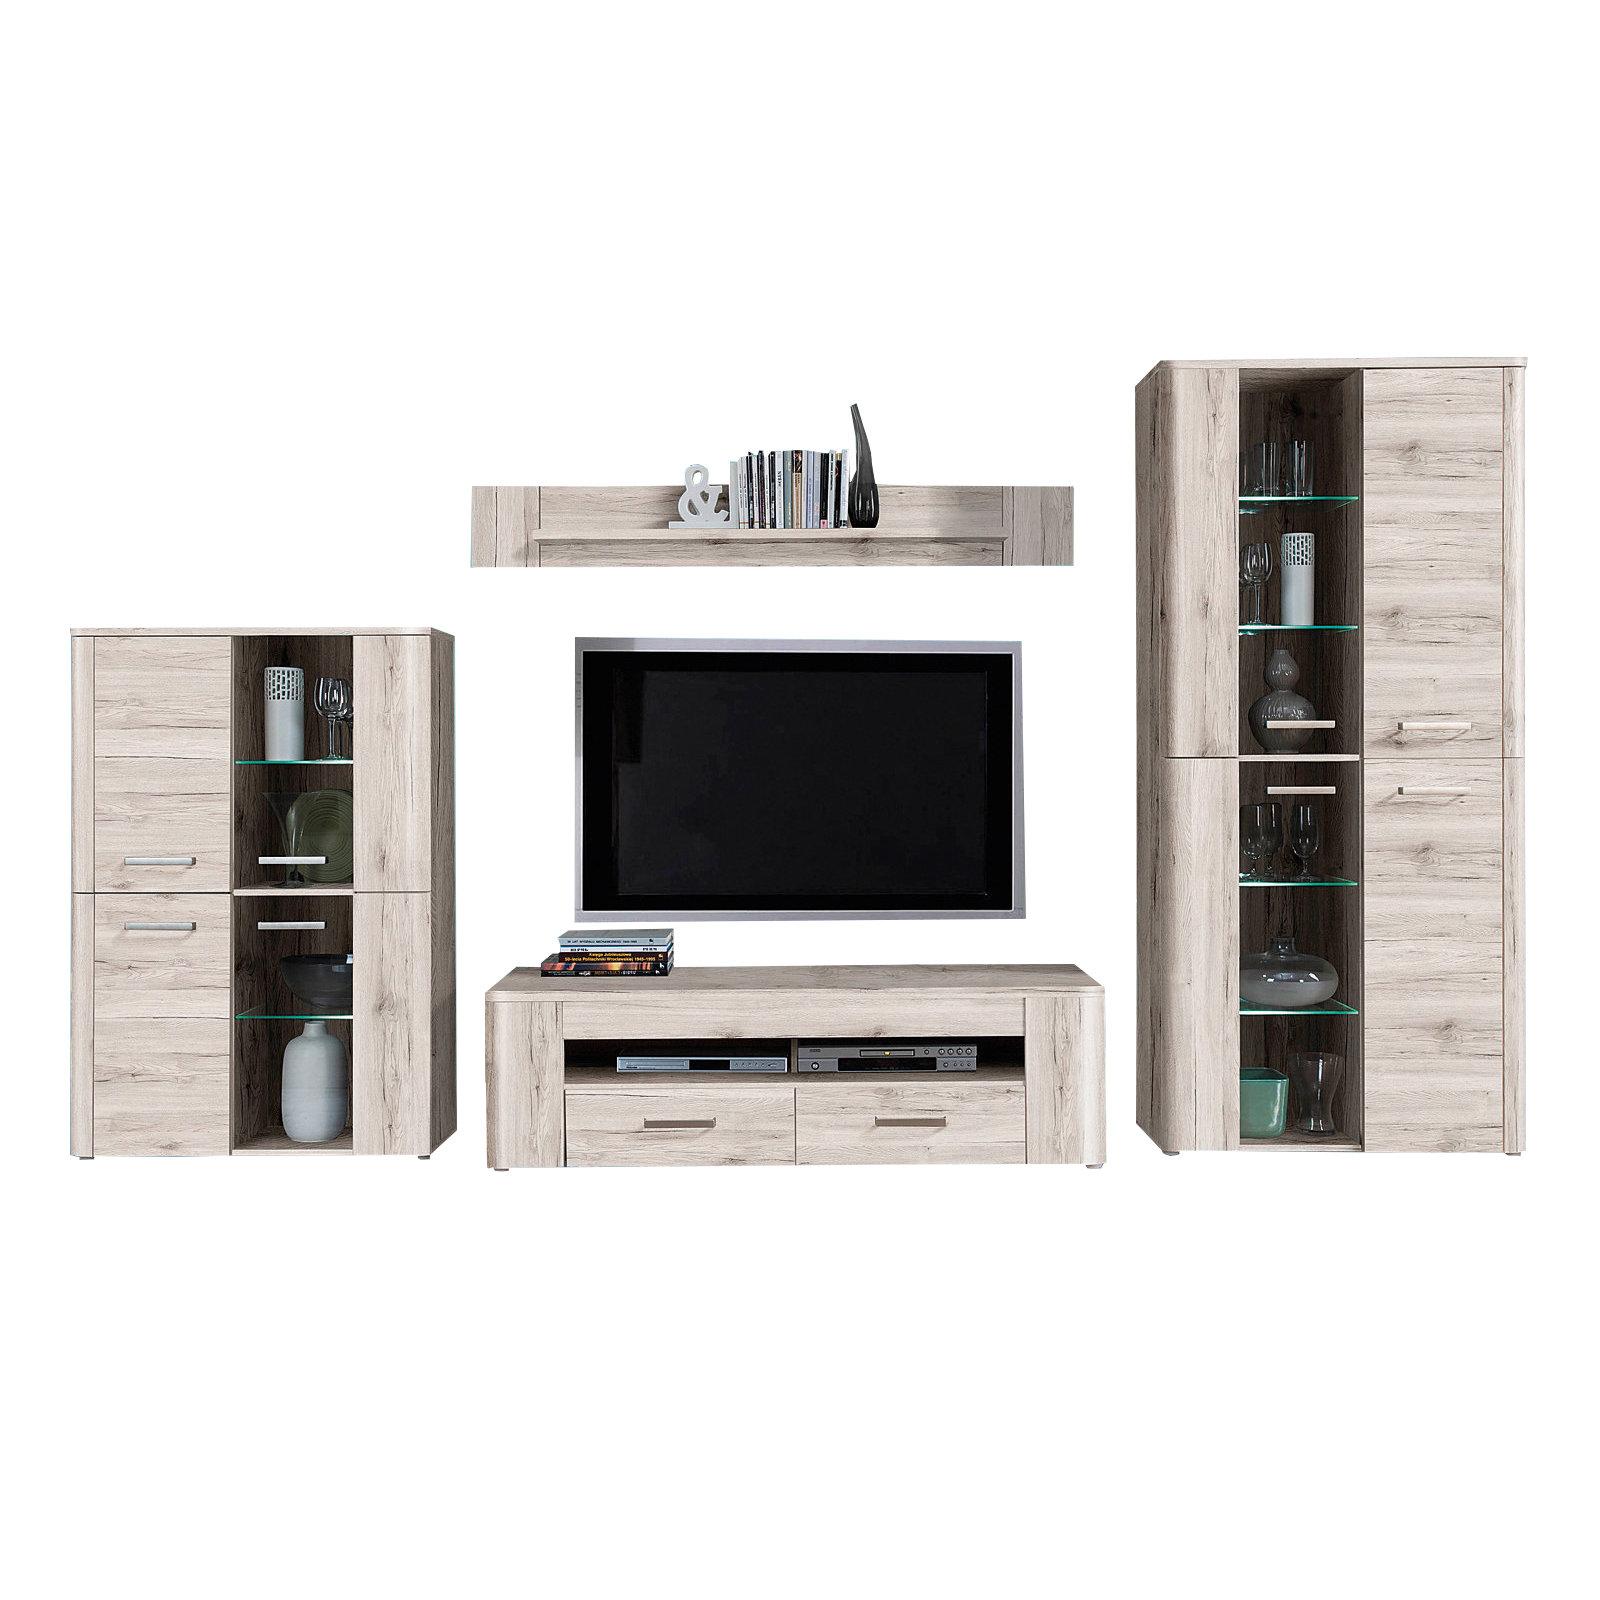 27 sparen wohnwand bailando von ella home nur 399 99. Black Bedroom Furniture Sets. Home Design Ideas